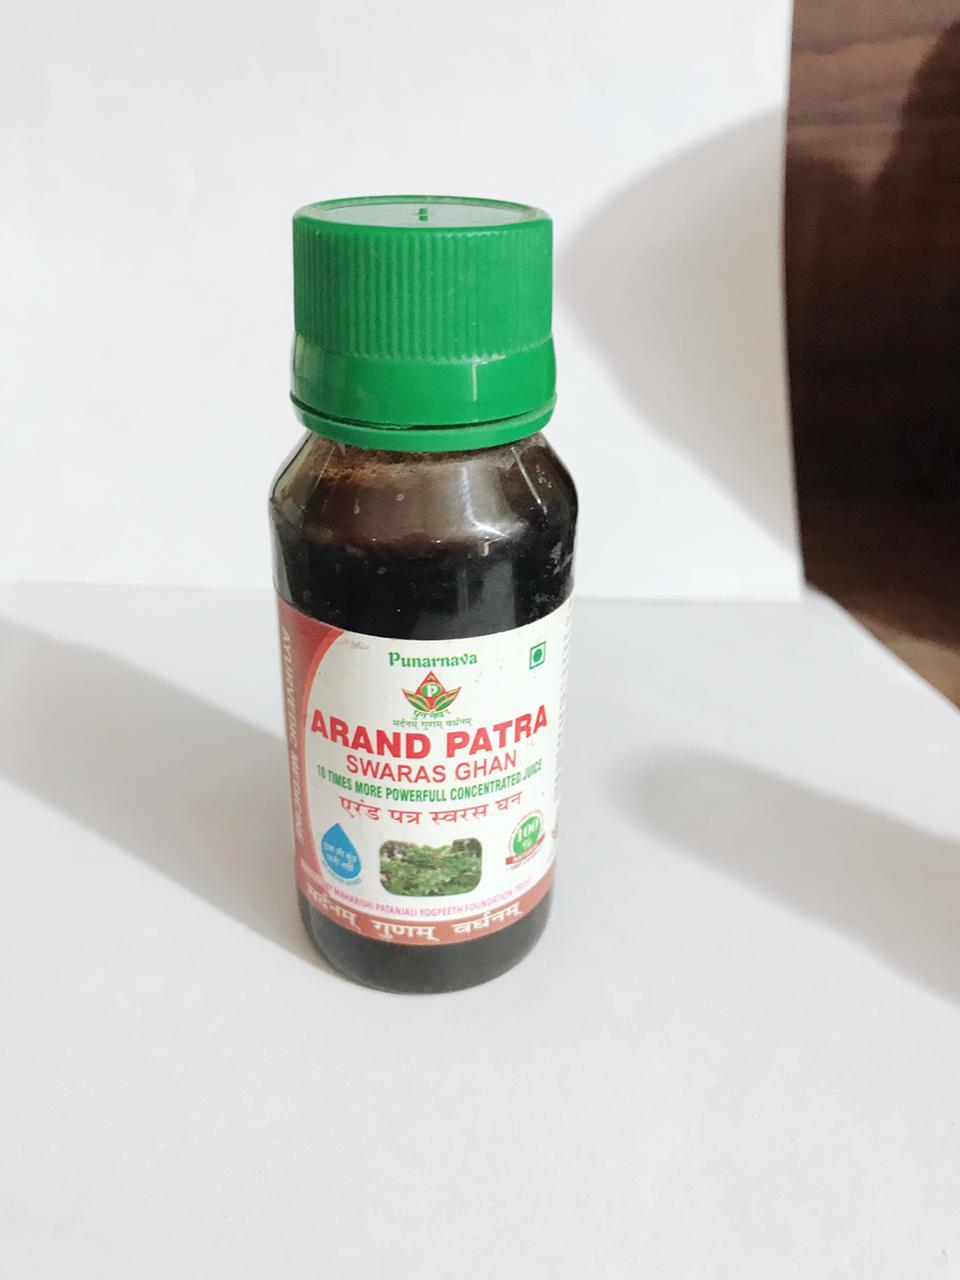 Arand Patra swasras ghan